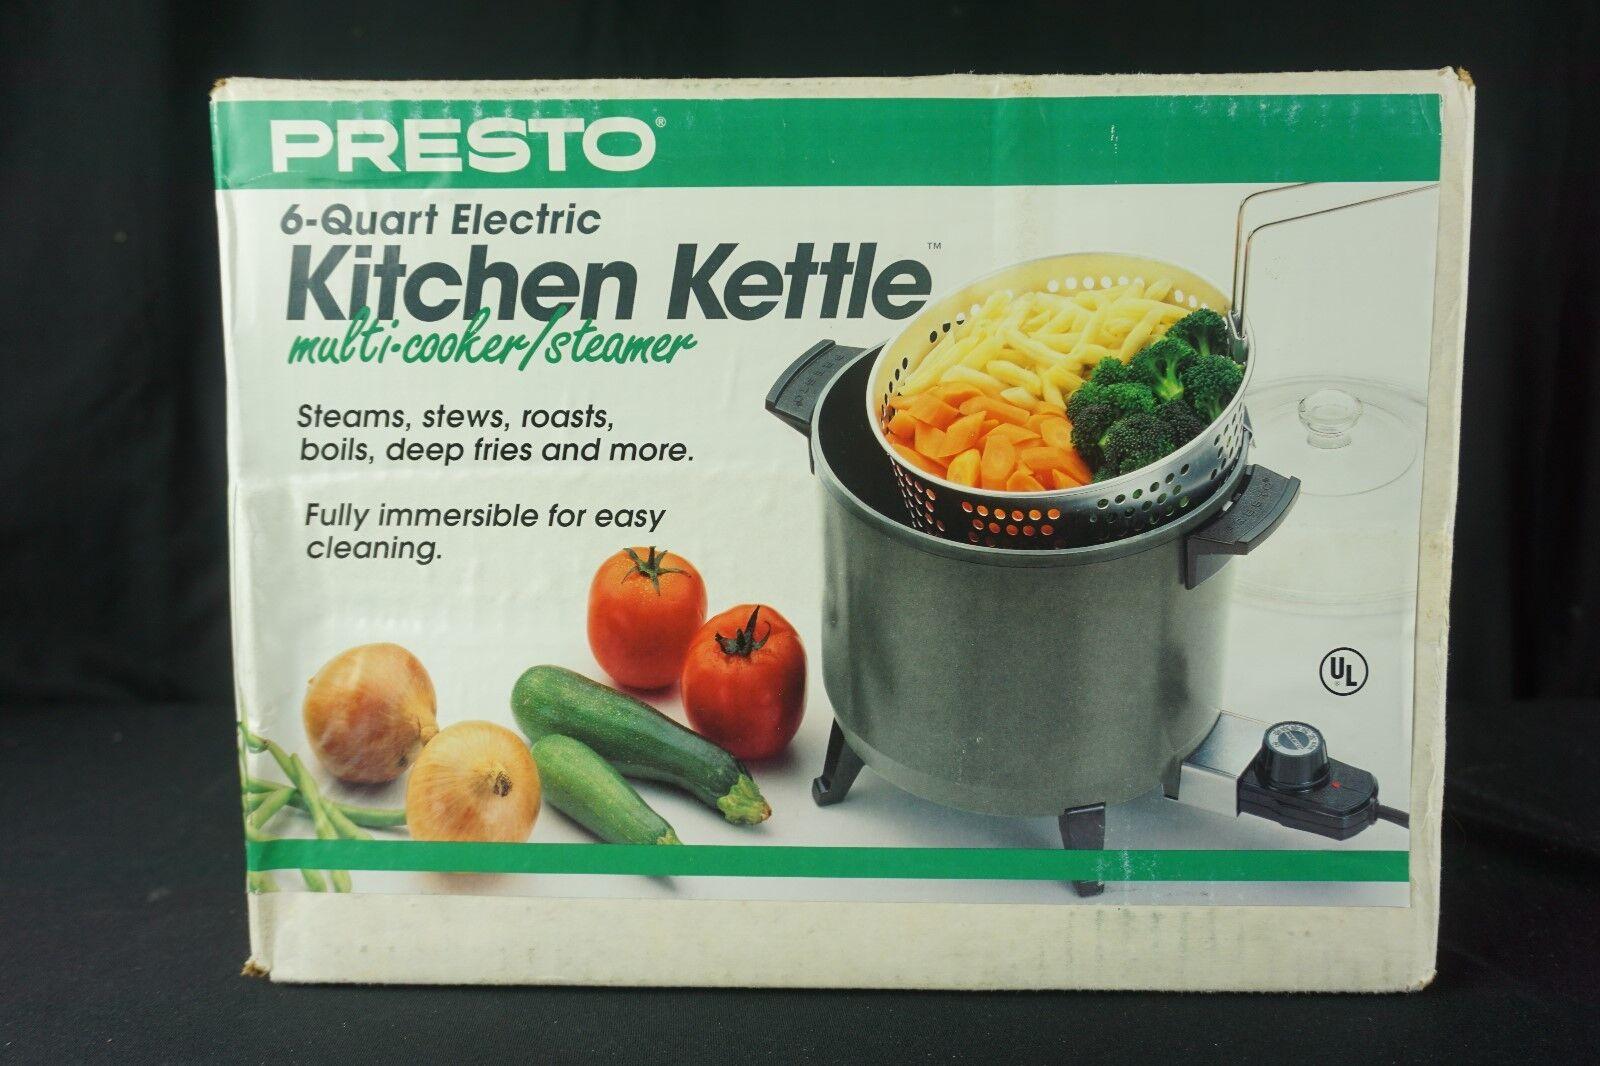 Presto Kitchen Kettle 6 Quart Electric Multi Cooker